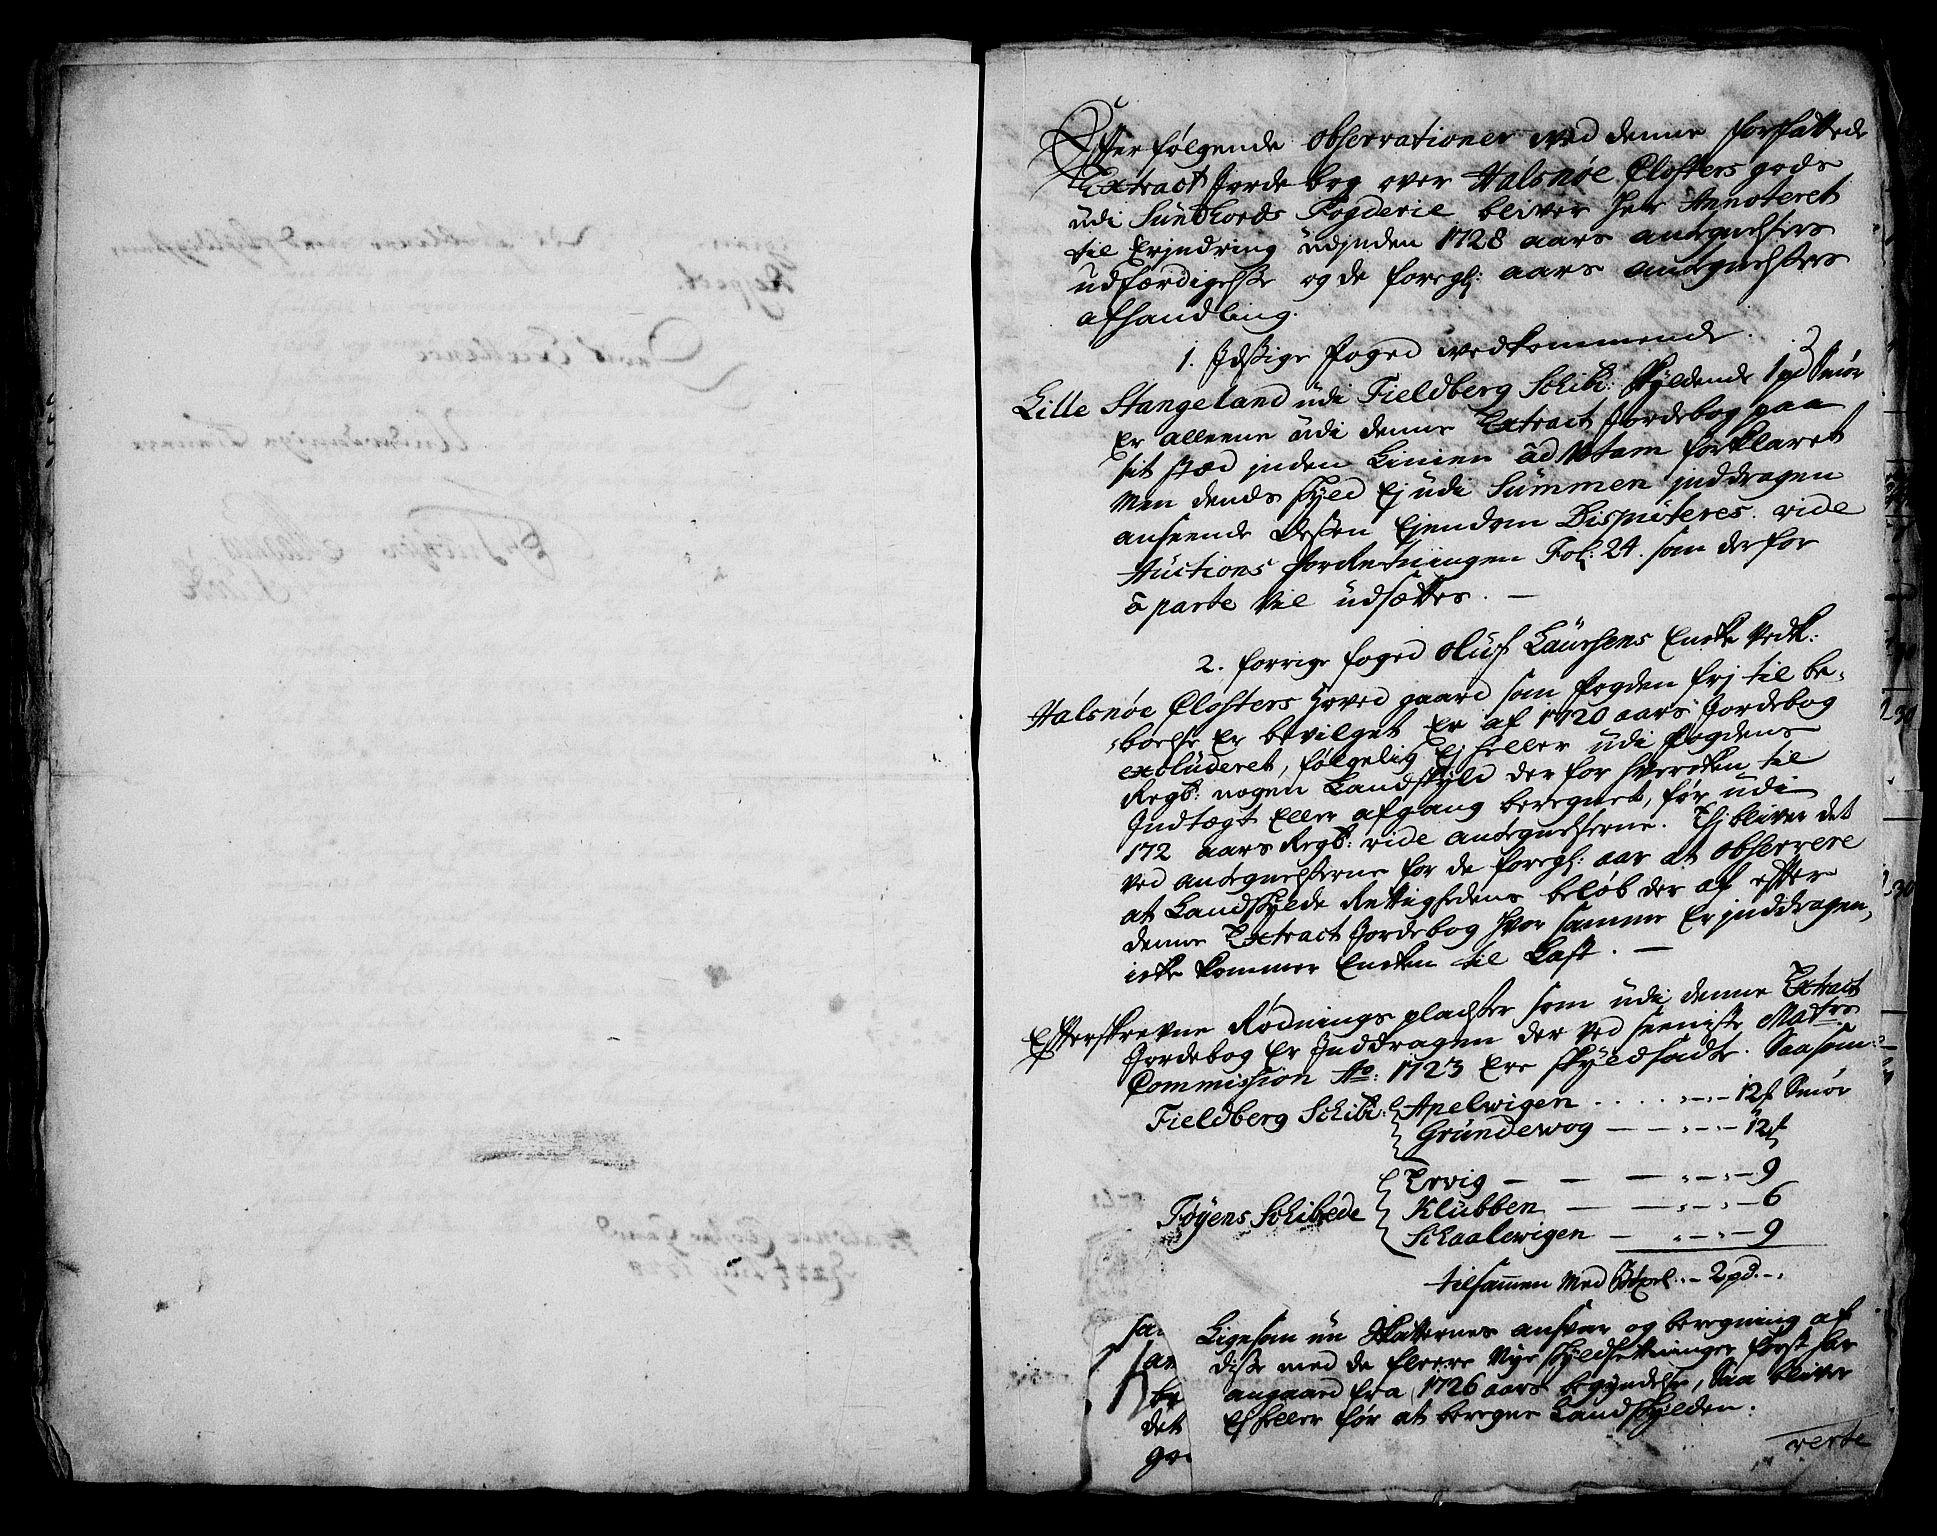 RA, Rentekammeret inntil 1814, Realistisk ordnet avdeling, On/L0003: [Jj 4]: Kommisjonsforretning over Vilhelm Hanssøns forpaktning av Halsnøy klosters gods, 1721-1729, s. 464